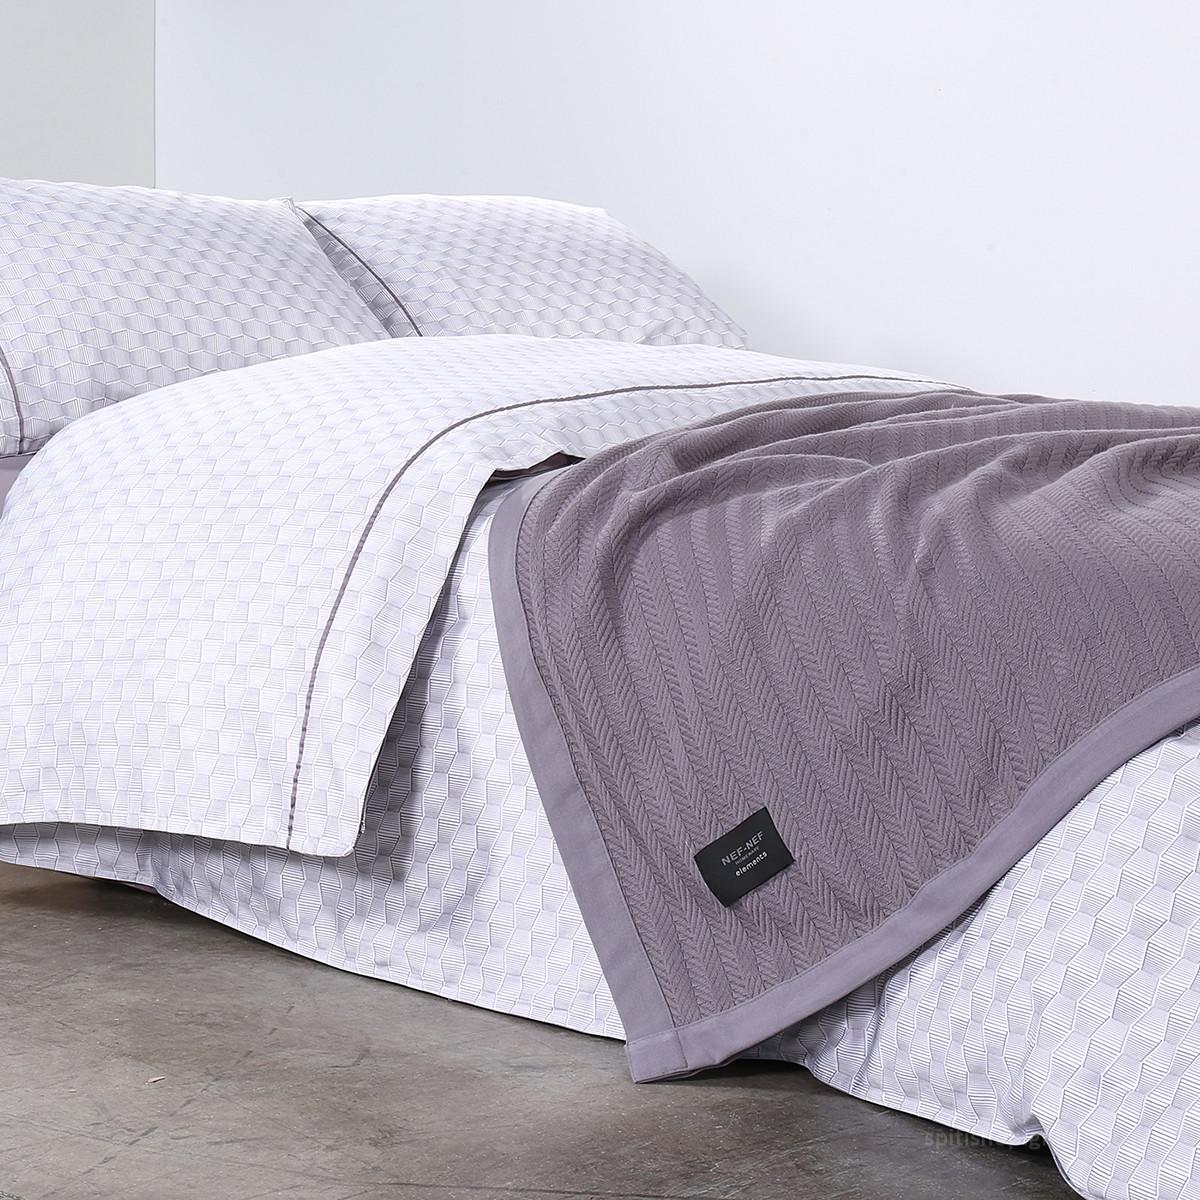 Κουβερτόριο Υπέρδιπλο Nef-Nef Elements Fust Grey home   κρεβατοκάμαρα   κουβέρτες   κουβέρτες καλοκαιρινές υπέρδιπλες